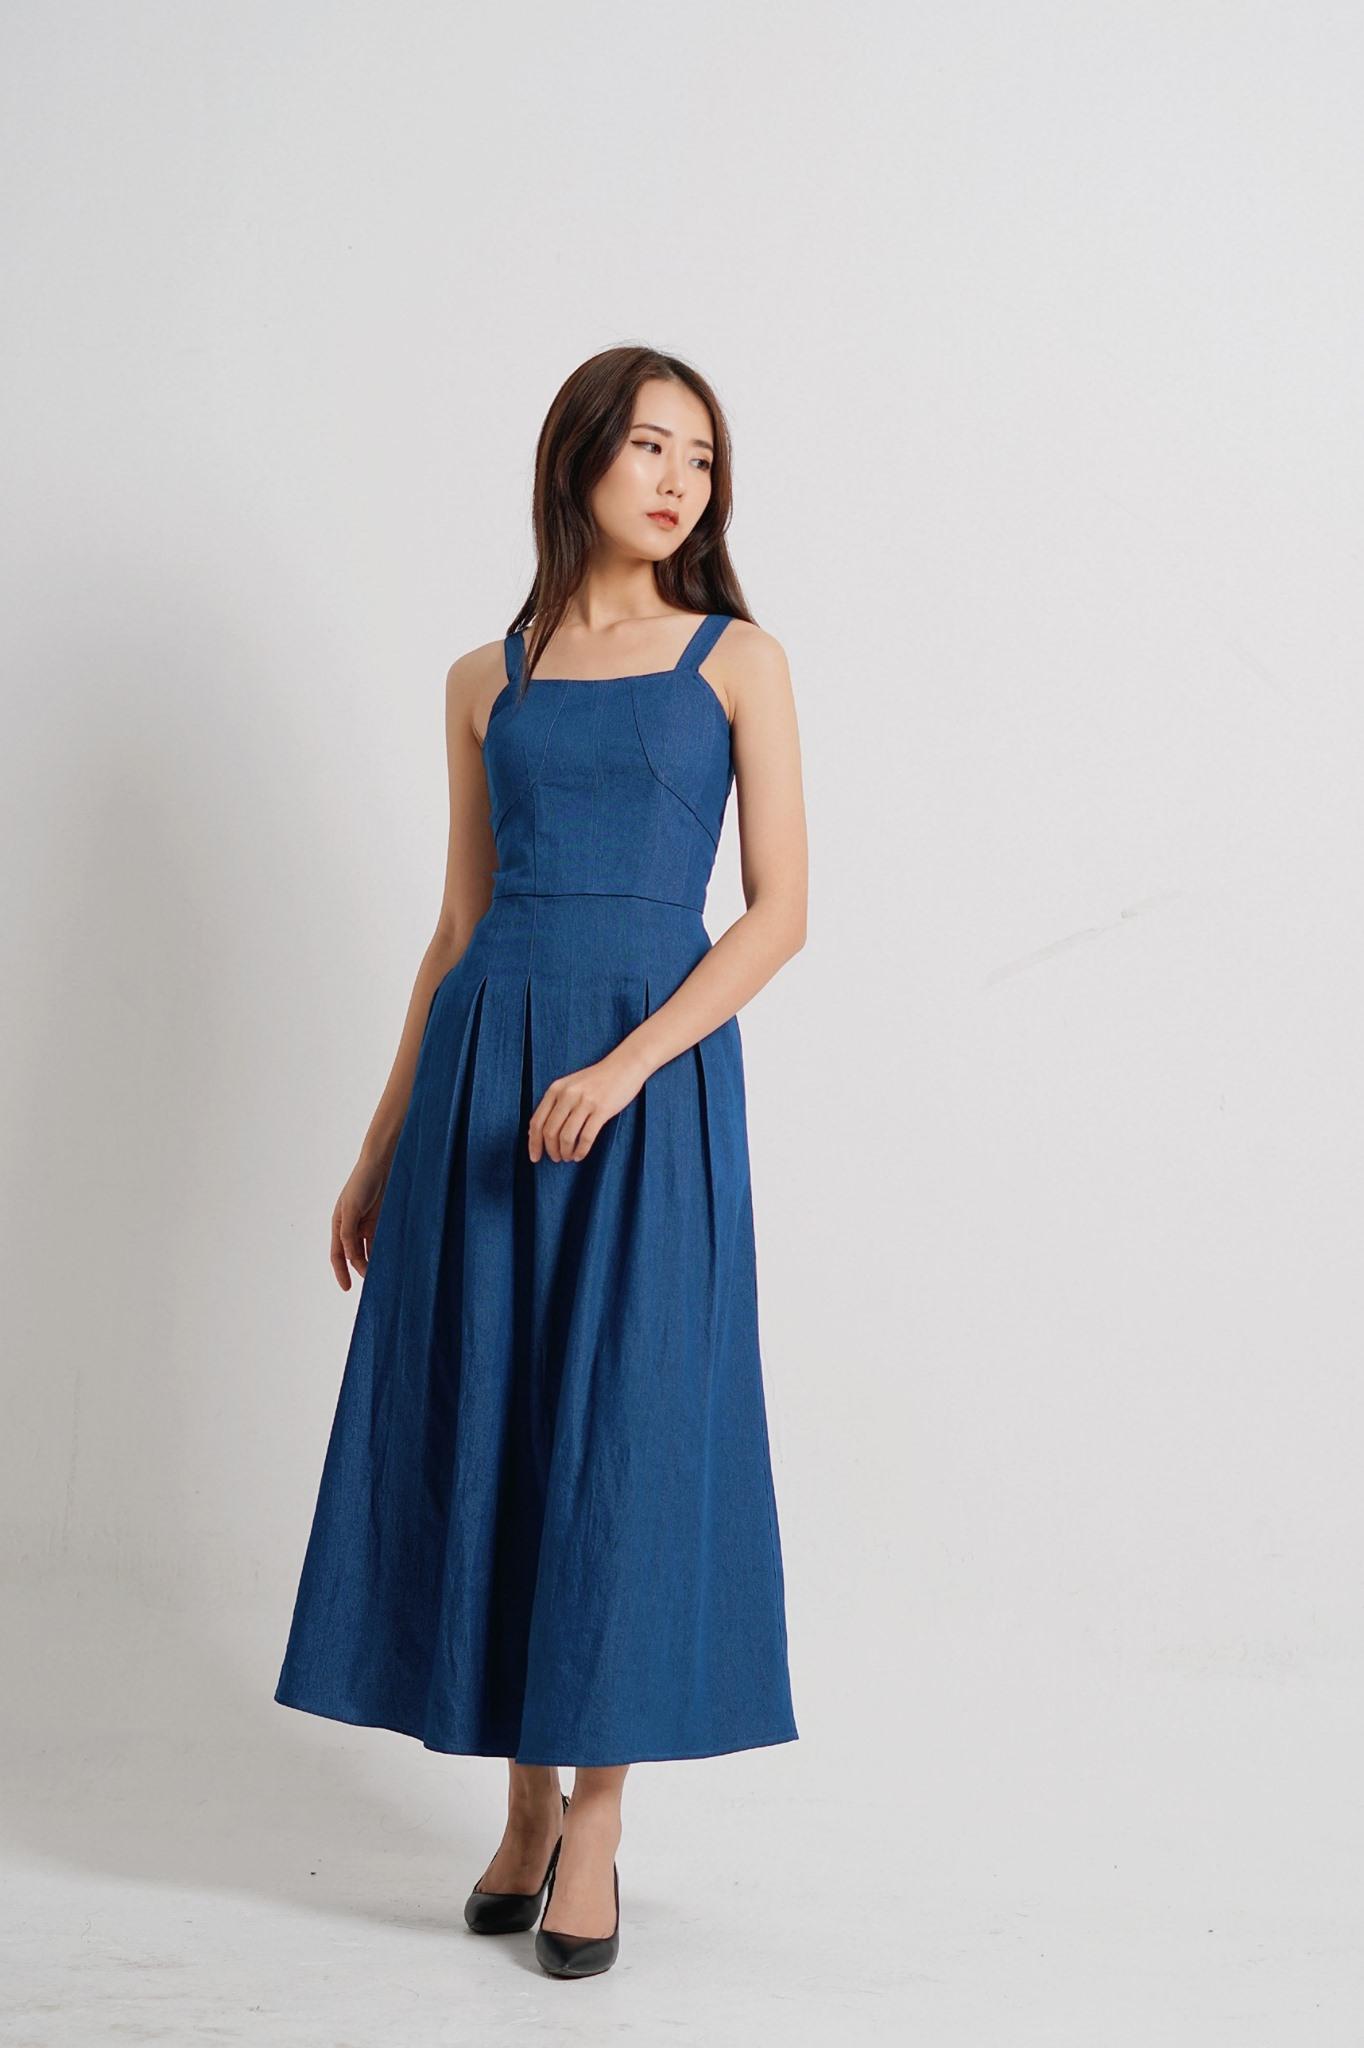 Nata denim dress